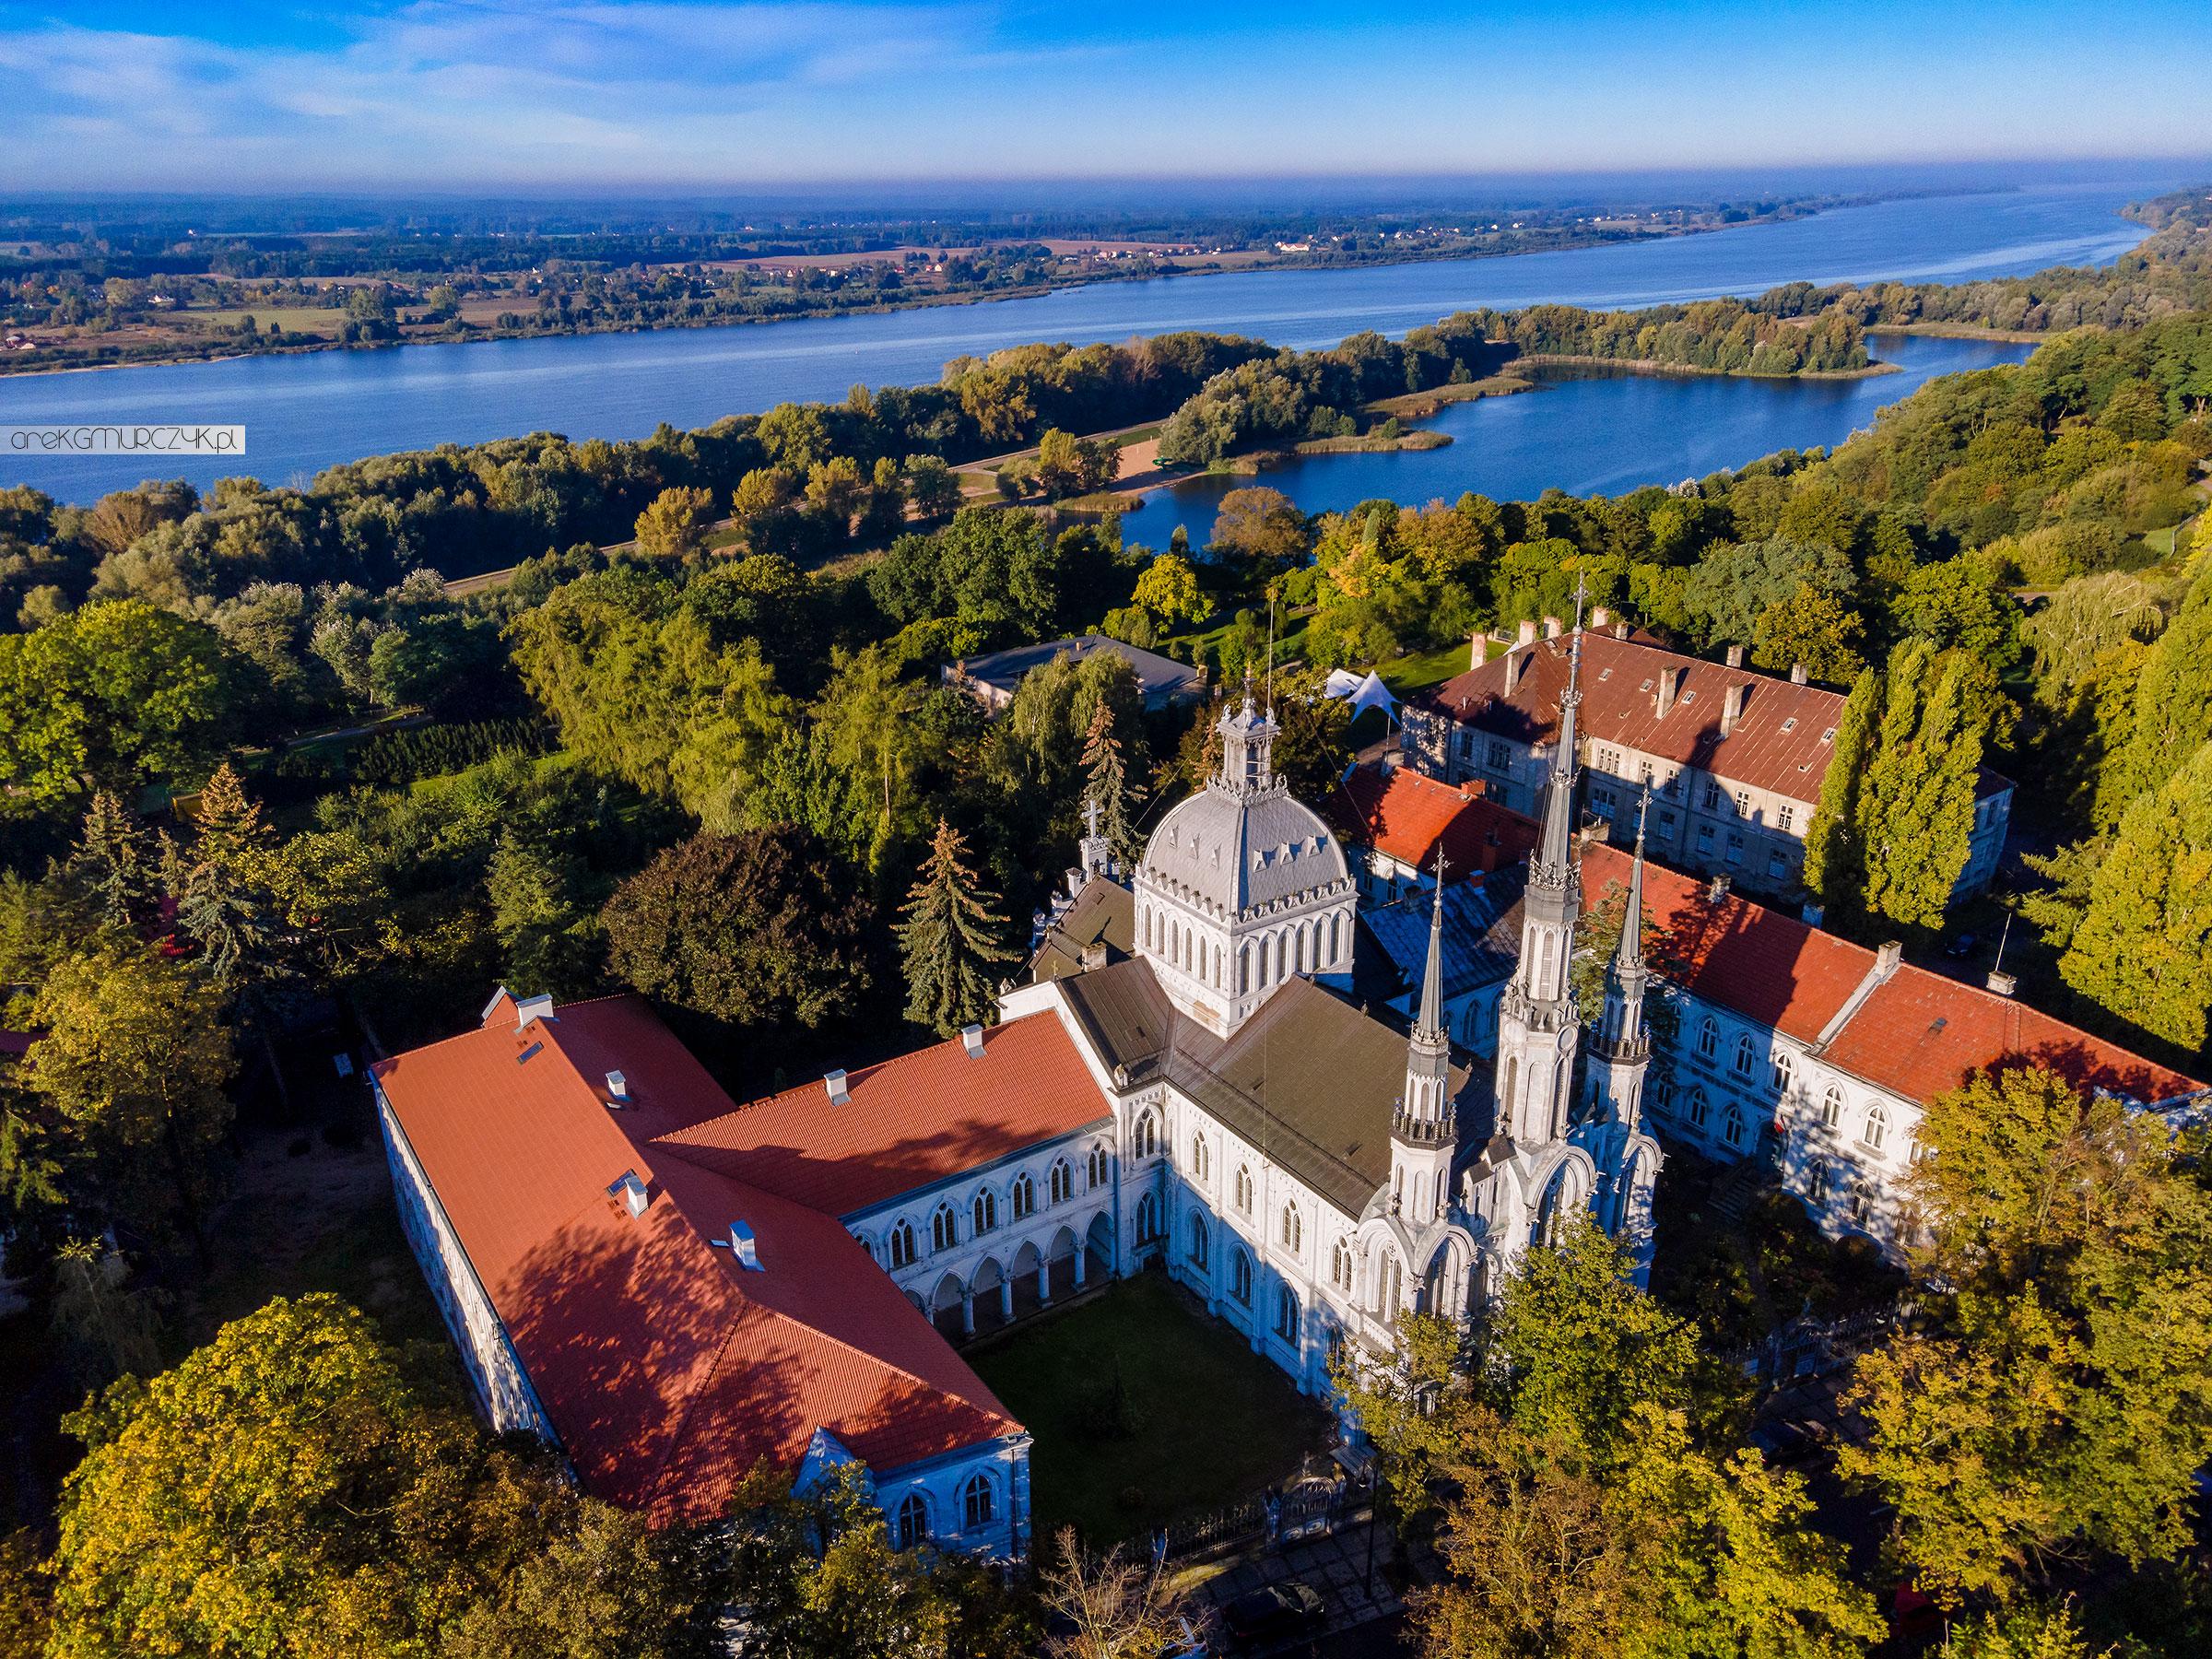 Dron Płock. Świątynia Miłosierdzia i Miłości w Płocku, w tle zalew Sobótka i Wisła